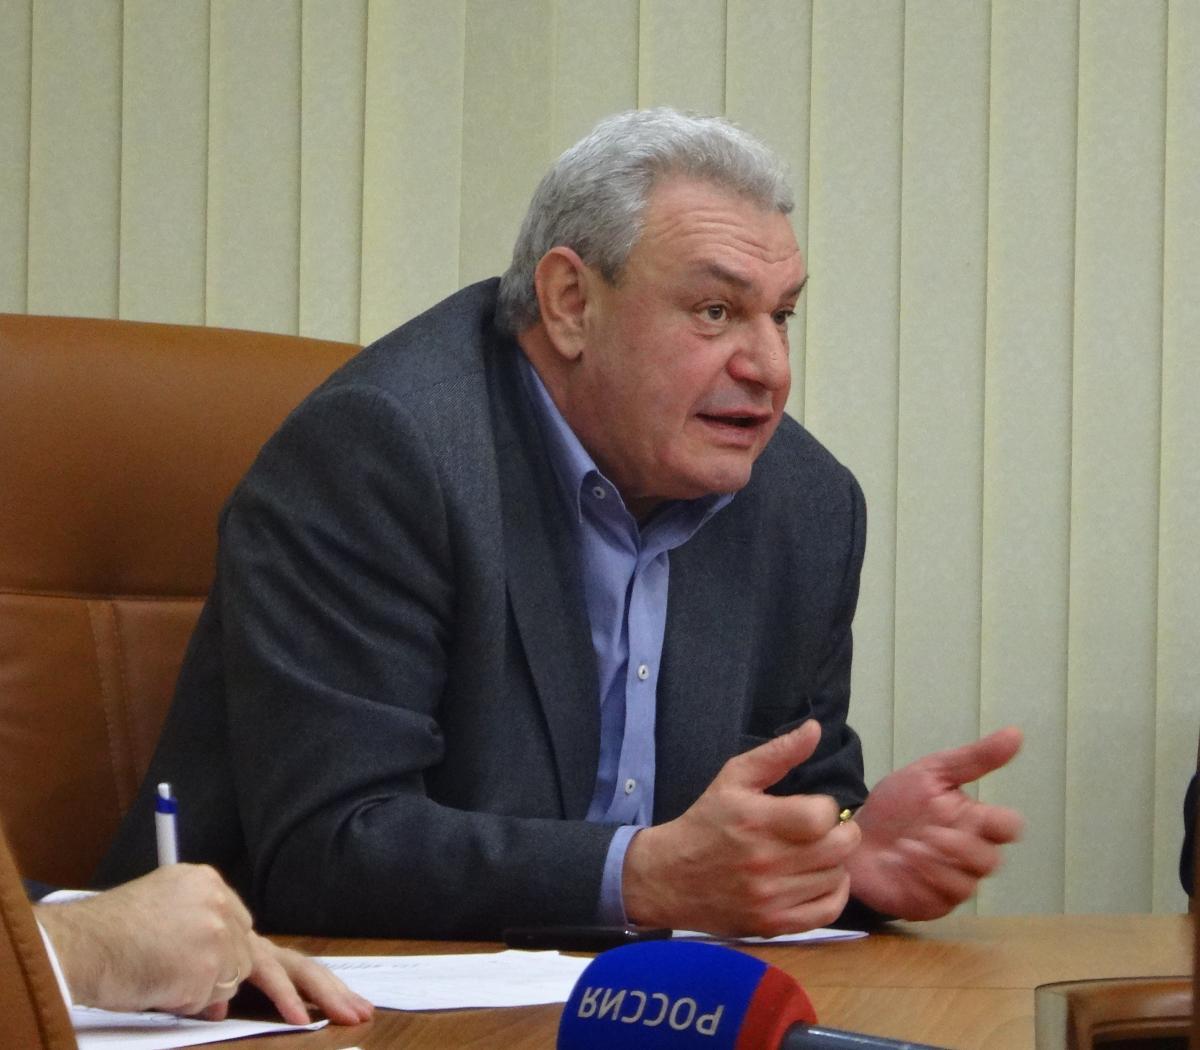 Леонид Писной предложил выселить всех жителей Саратова из города - Общественное мнение Саратов Новости Сегодня